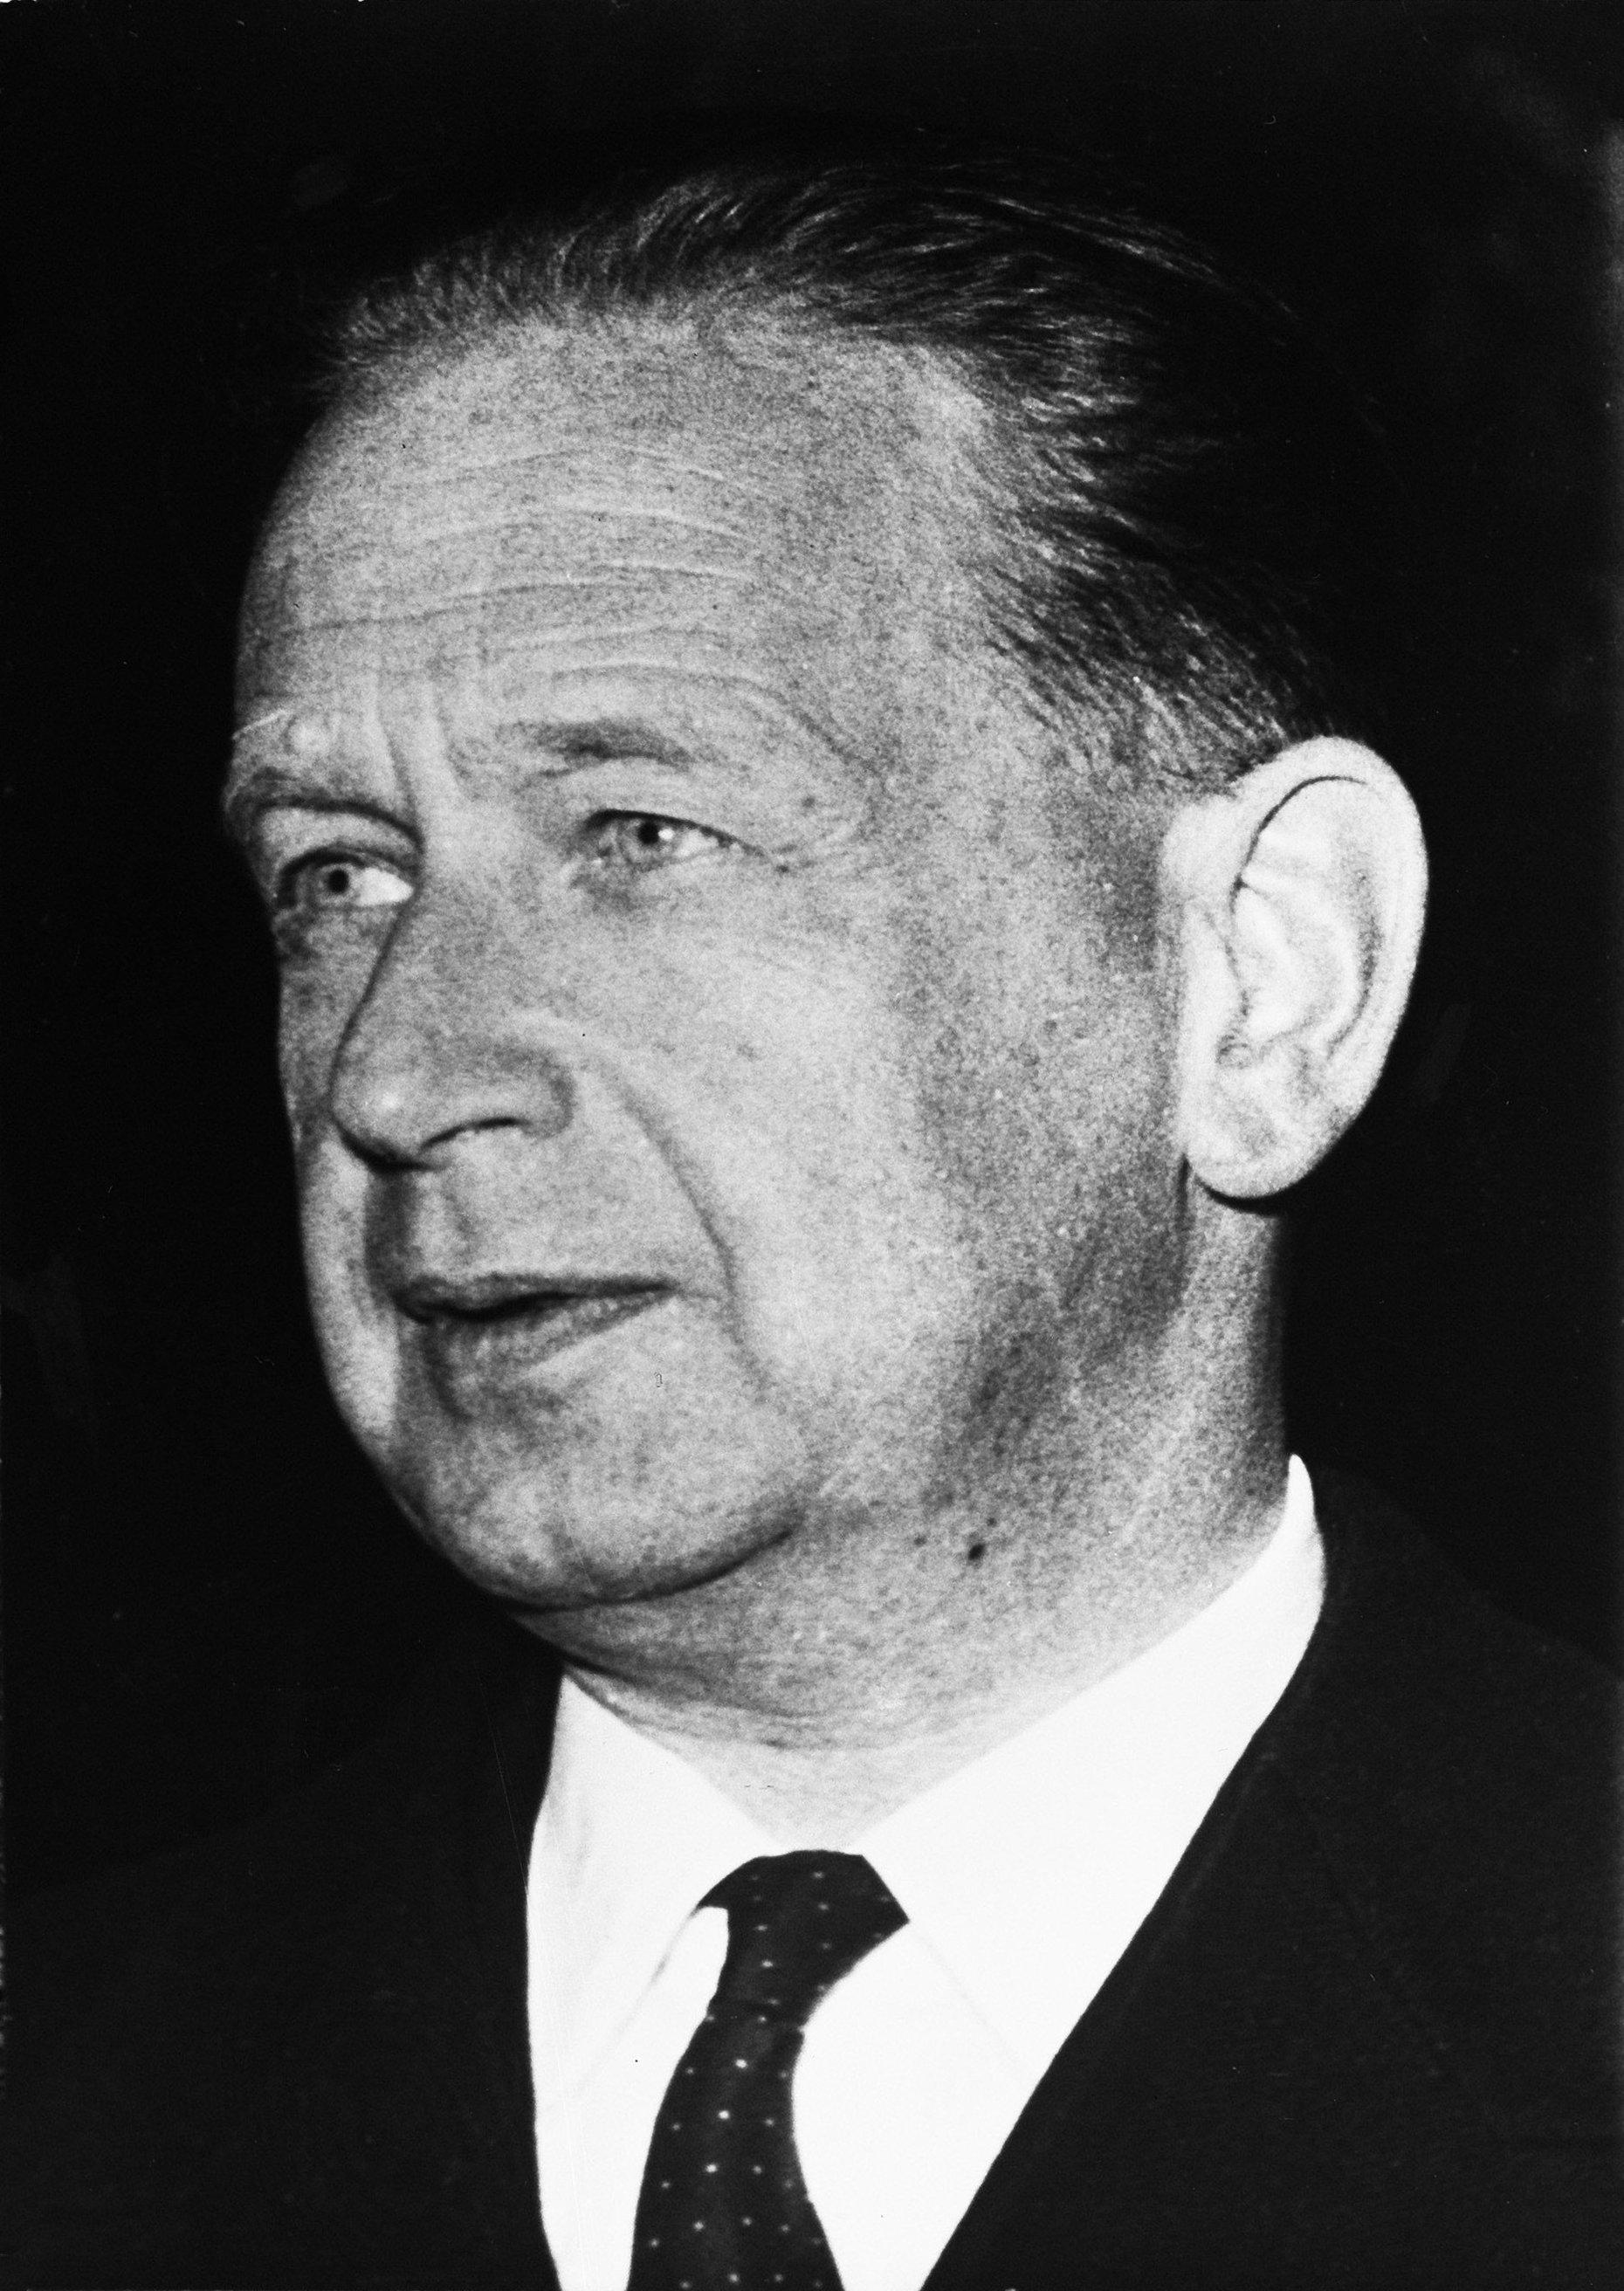 Veja o que saiu no Migalhas sobre Dag Hammarskjöld